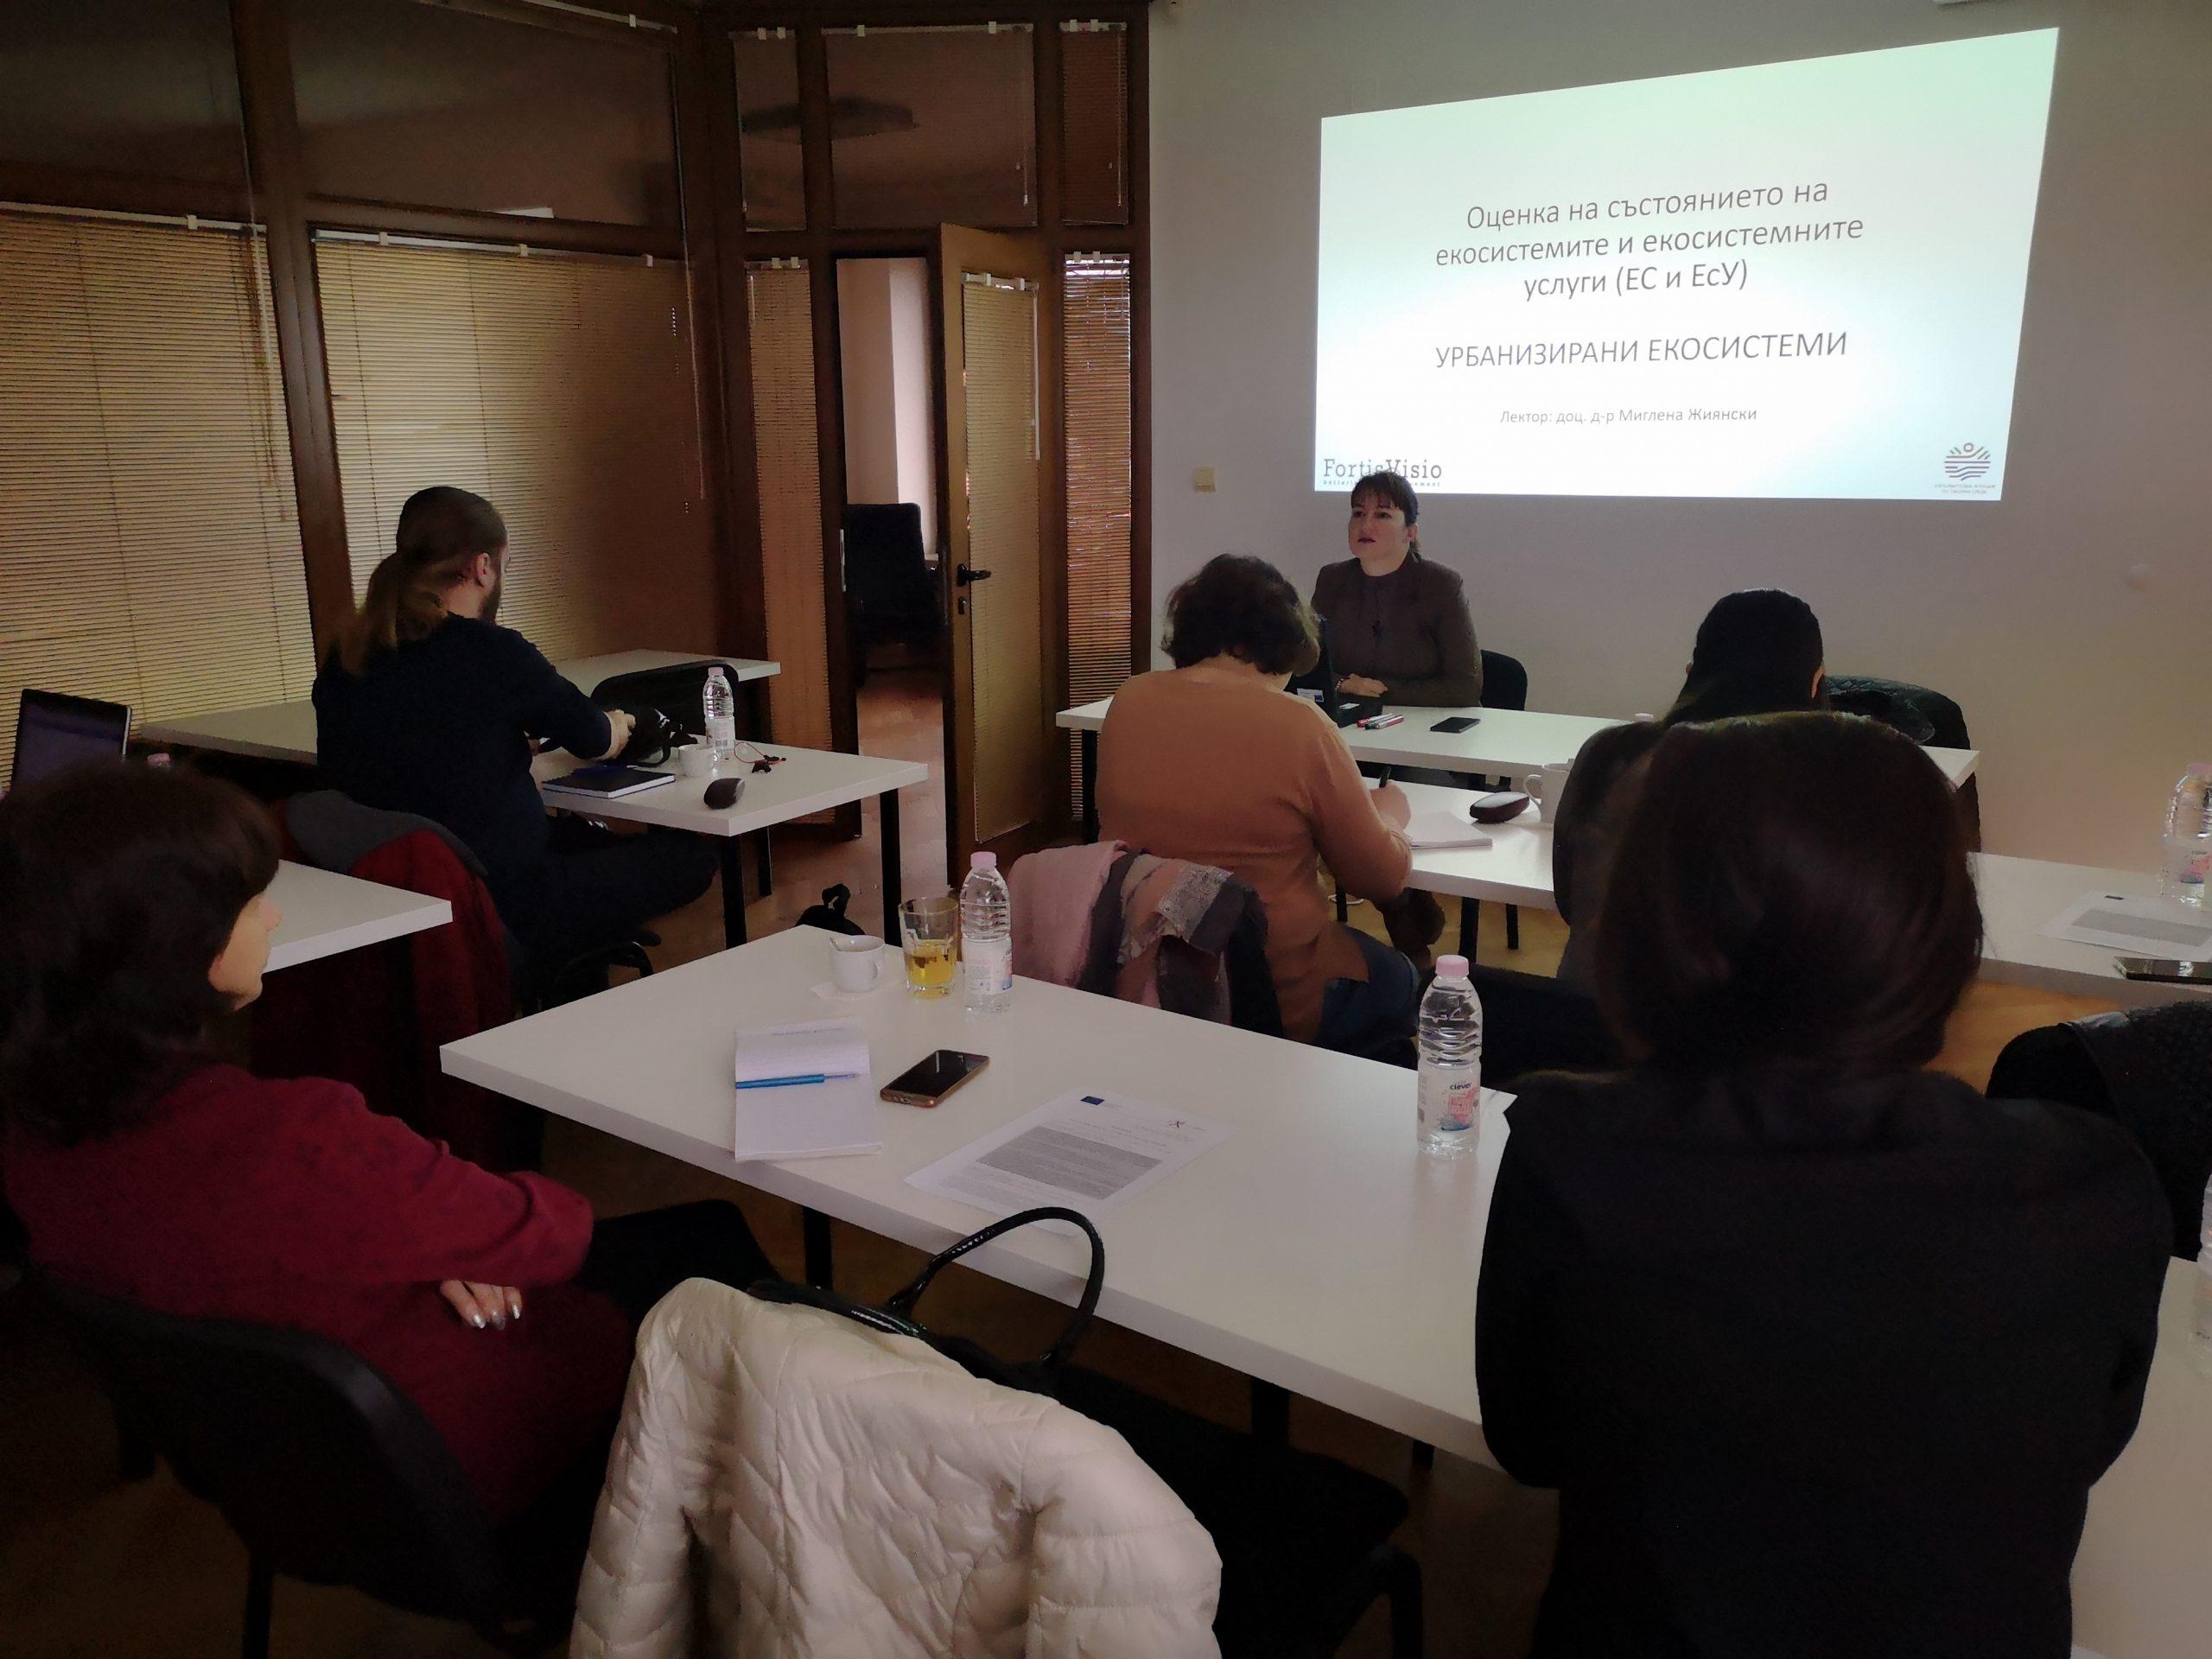 """Обучение на тема: """"Оценка на състоянието на екосистемите и екосистемните услуги (ЕС и ЕсУ)"""""""